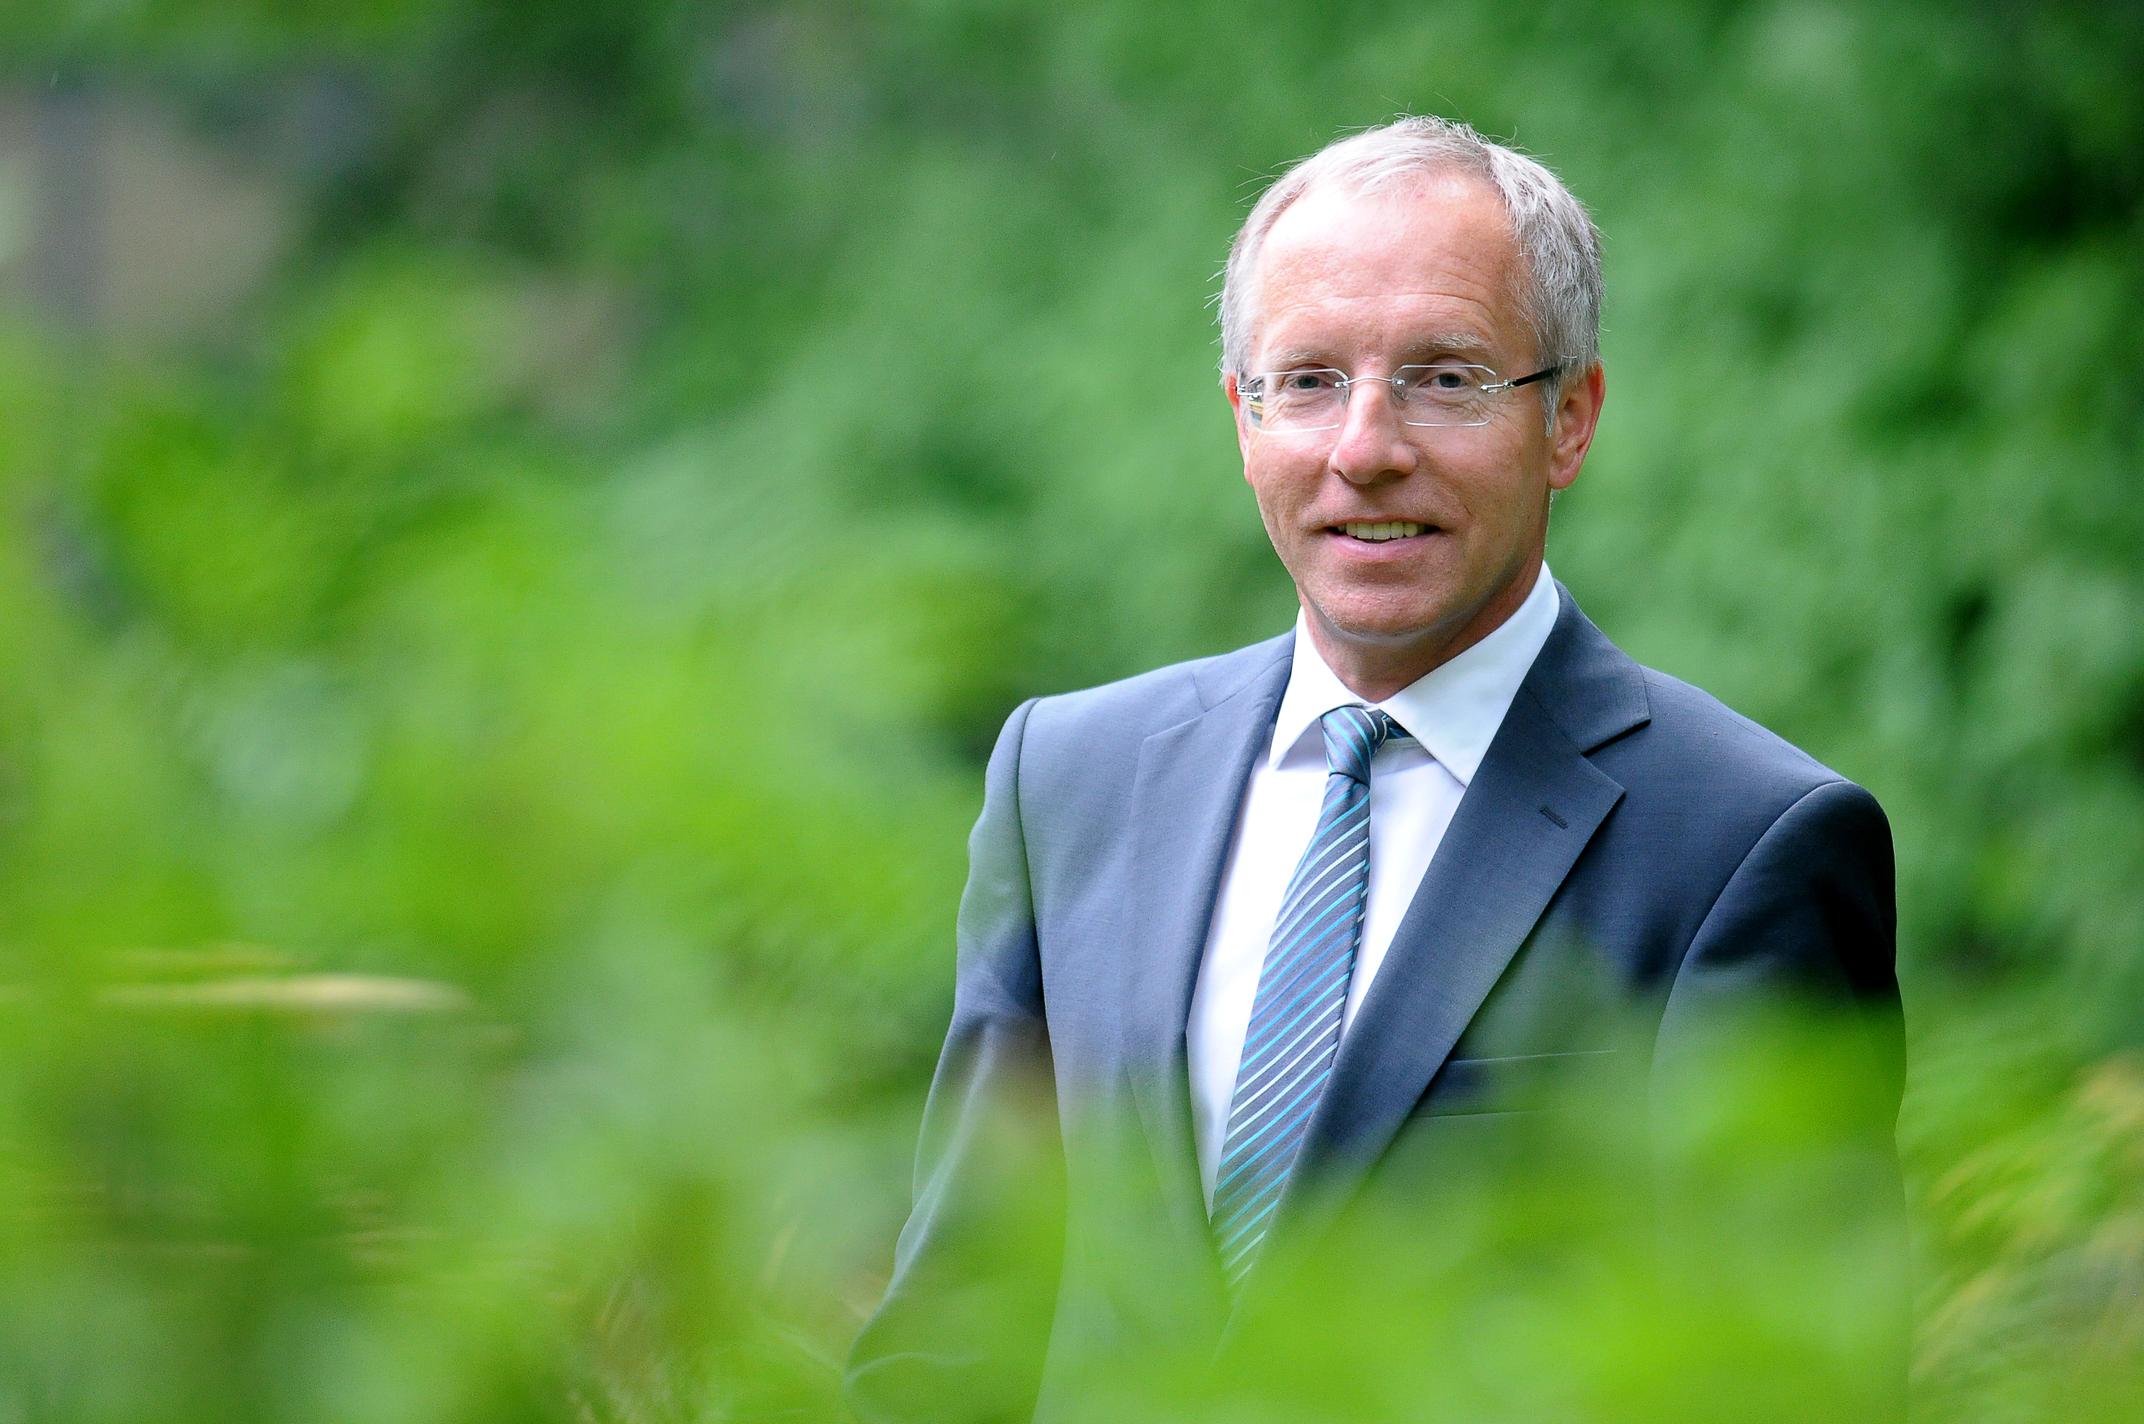 F.A.Z.-Uni-Ratgeber: Prof. Dr. Karl-Rudolf Korte steht Rede und Antwort